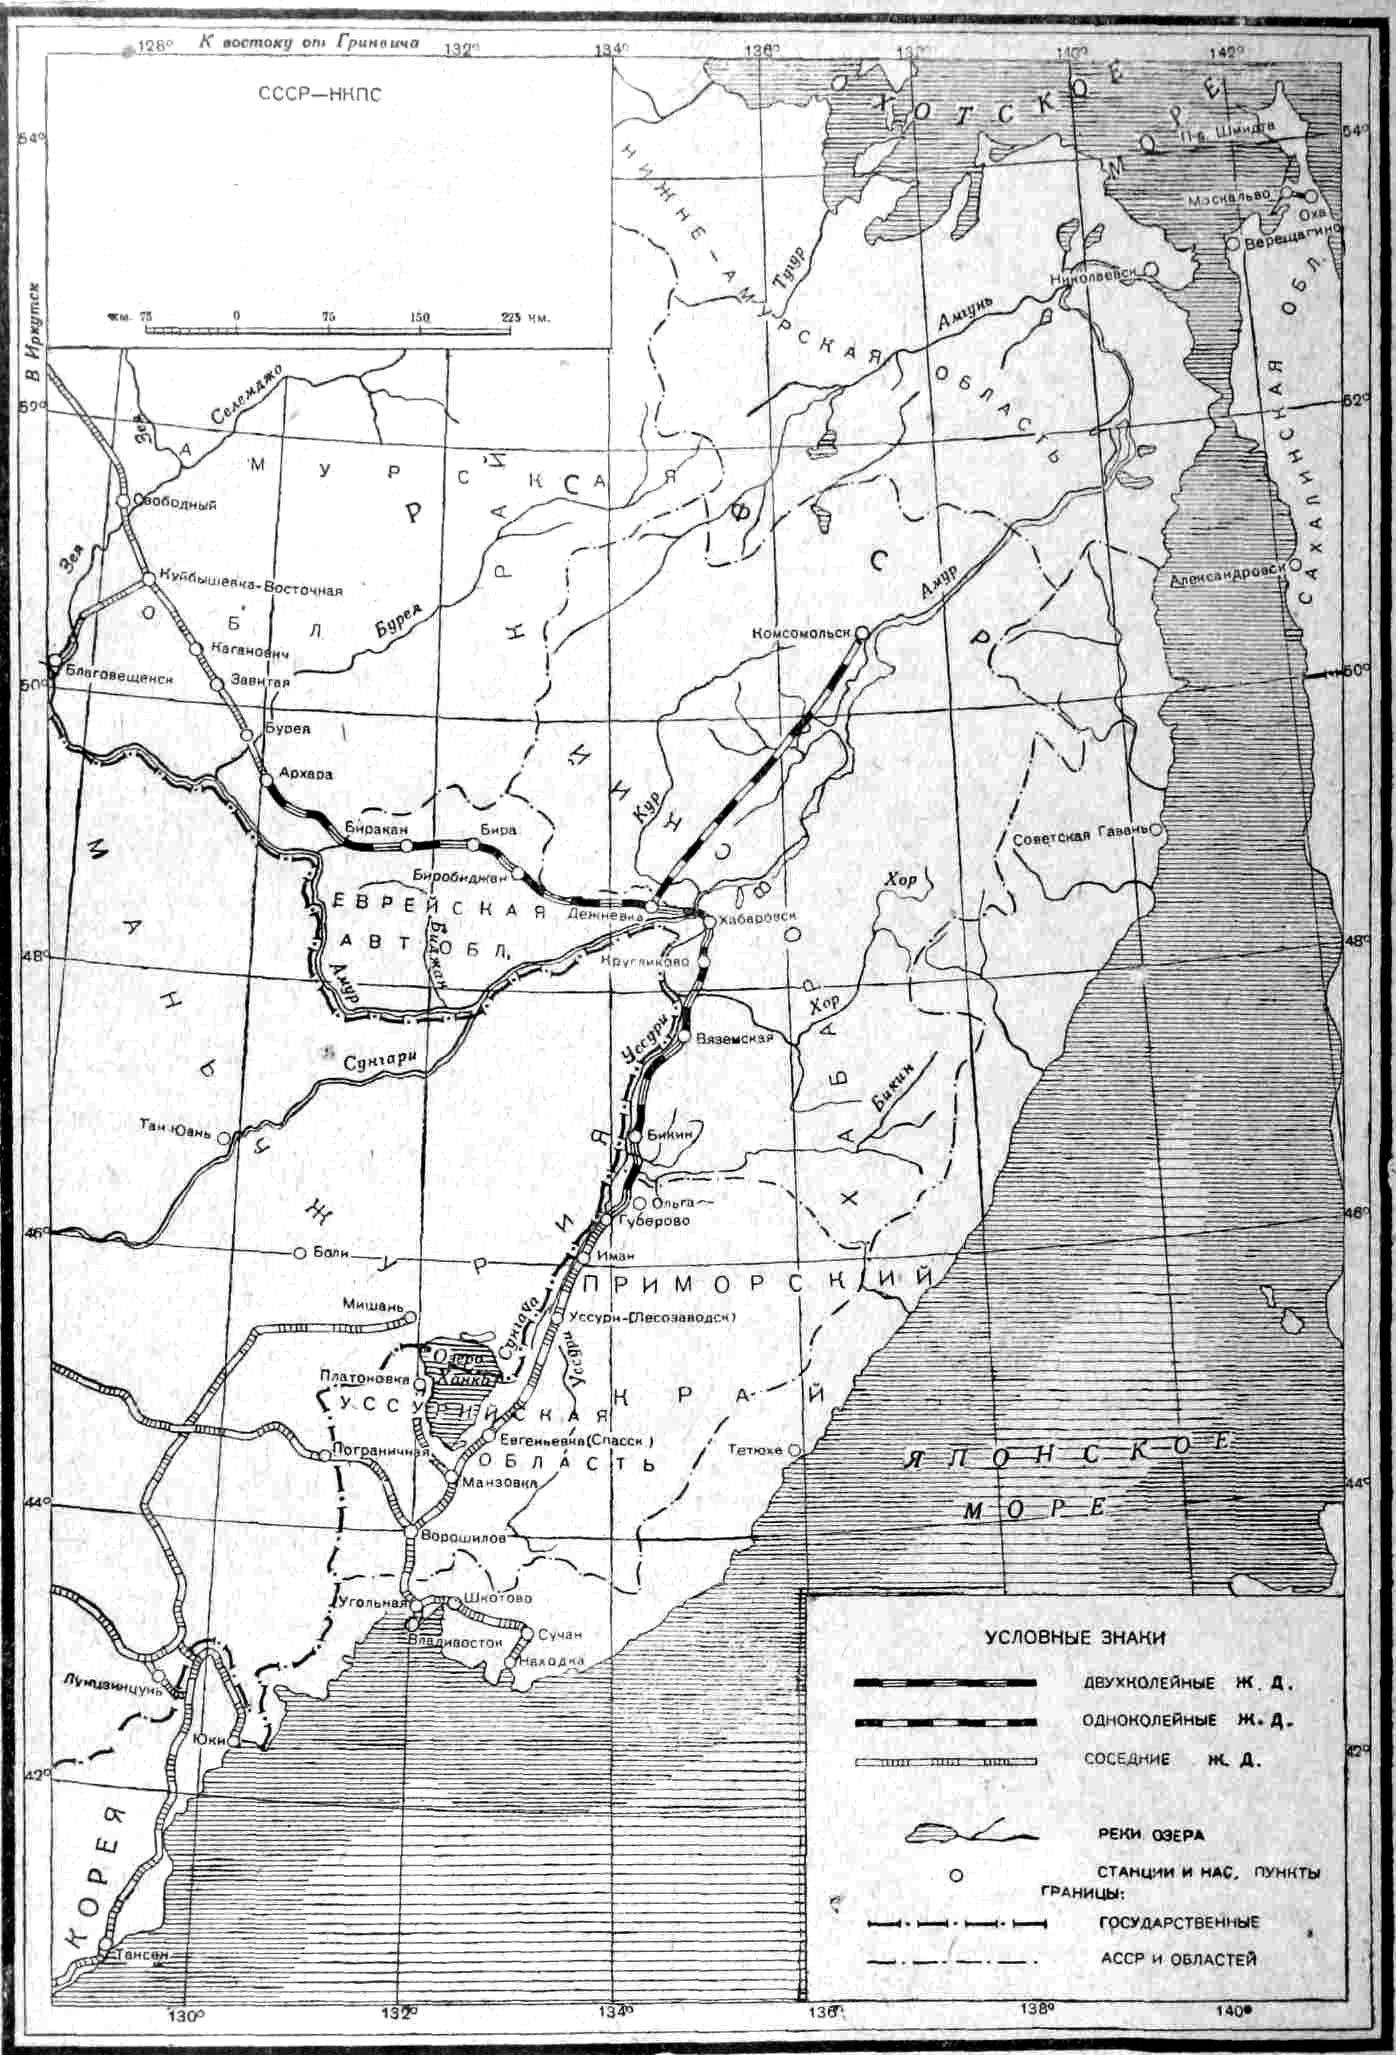 Схематическая карта дальневосточной железной дороги 1940 г. масштаб 1:7 500 000.